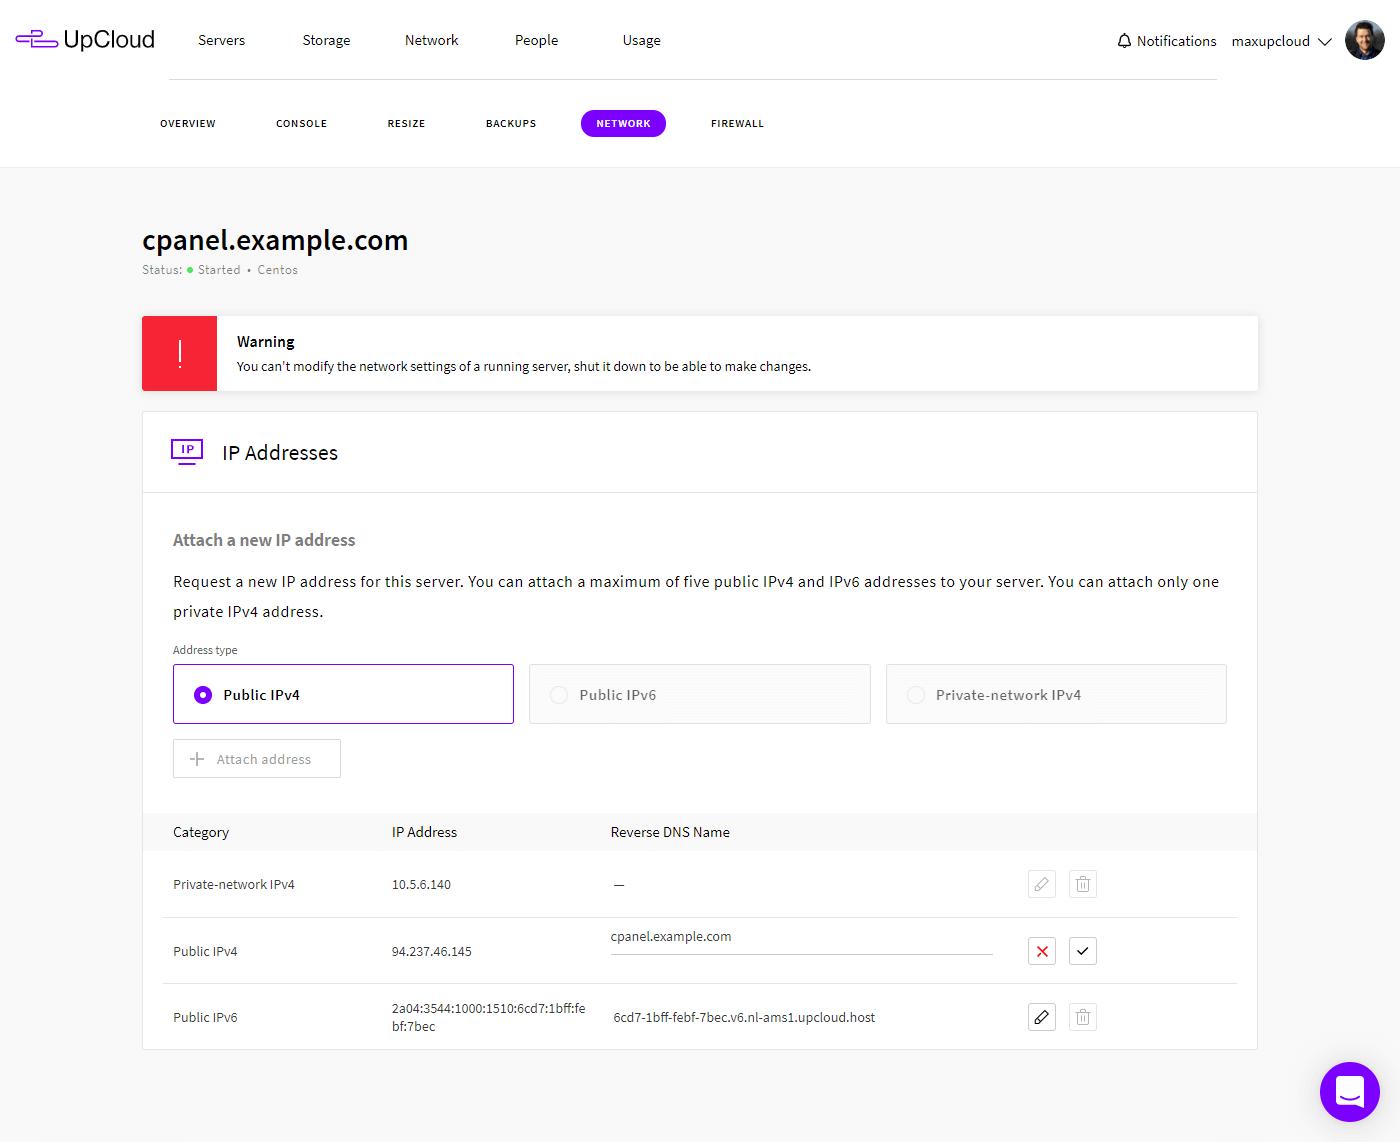 UpCloud set rDNS